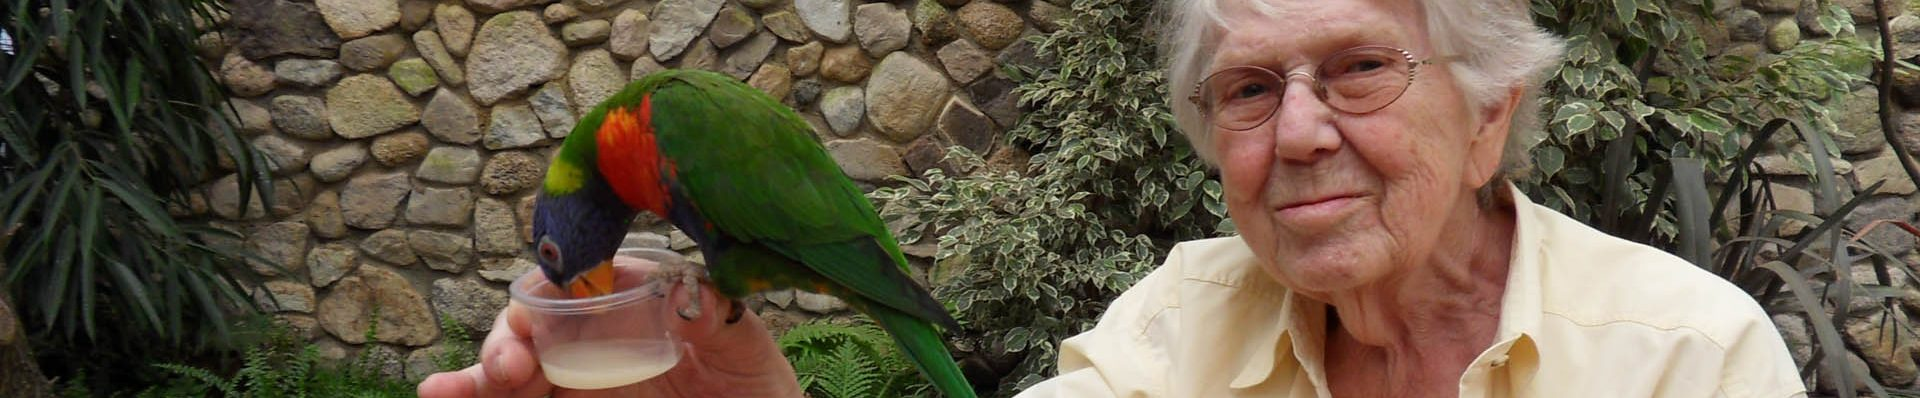 Kategorie: Weltvogelpark